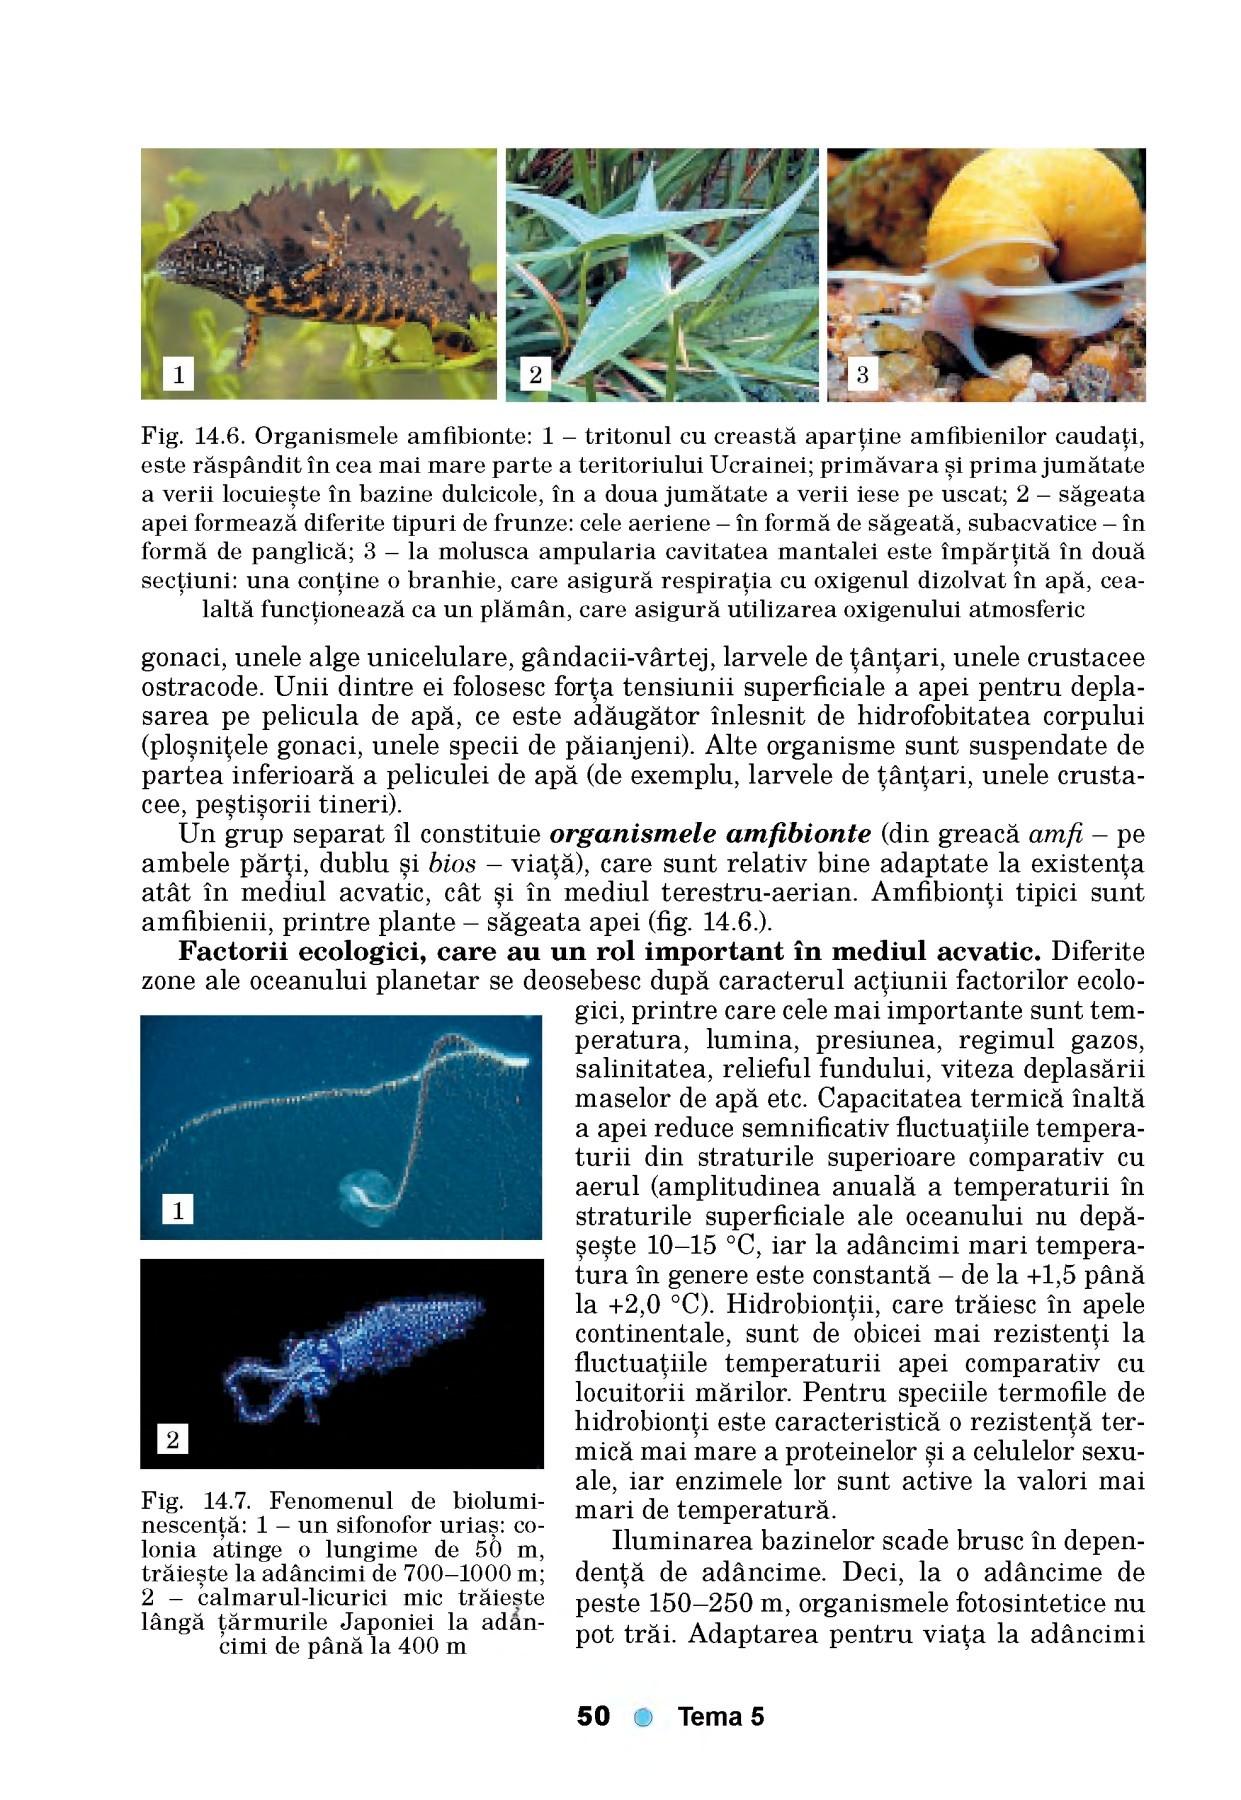 activitatea fiziologica a viermelui marului laryngeal papilloma ct